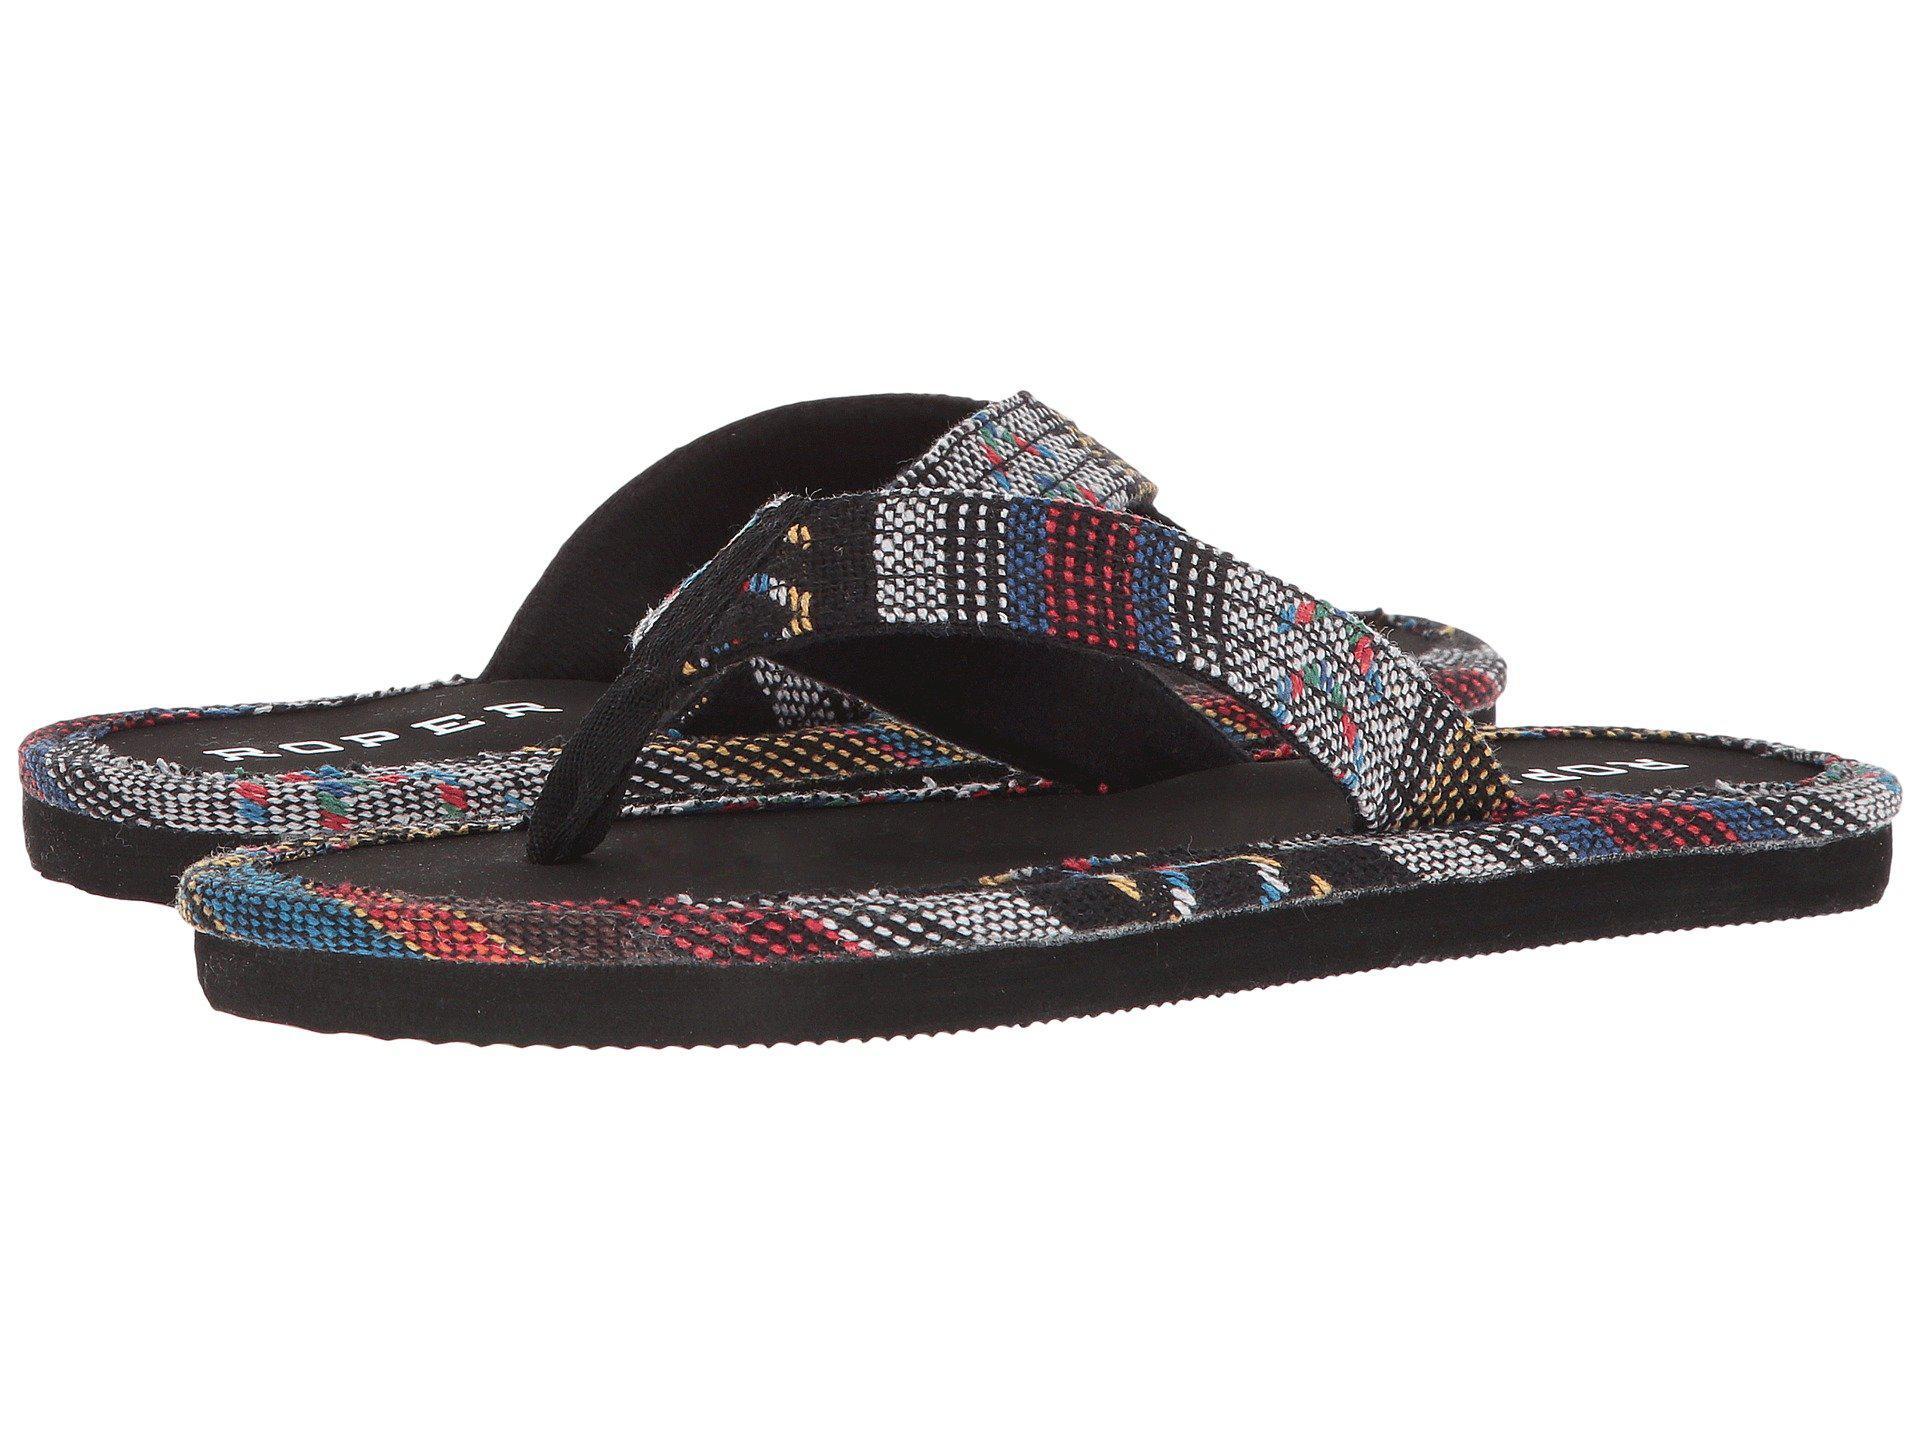 d0da6807963a0 Lyst - Roper Ella (brown) Women s Sandals in Black